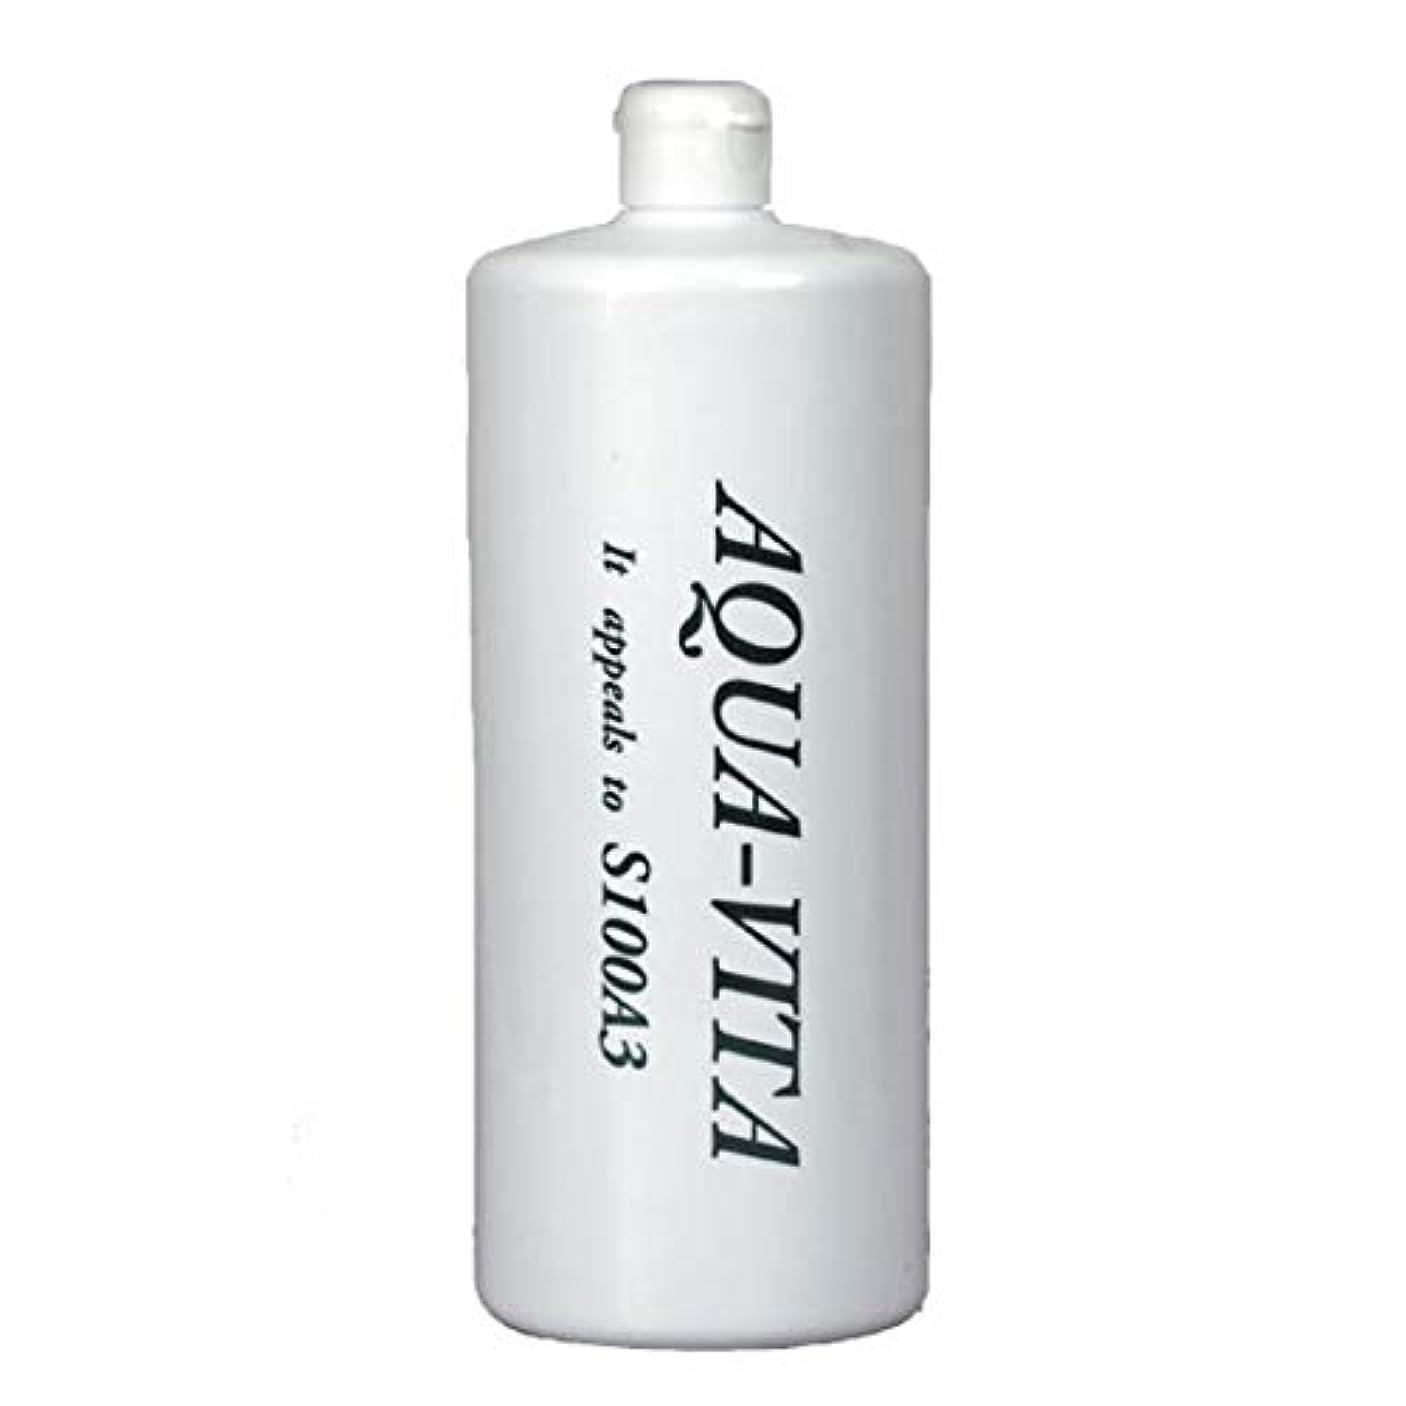 検出スノーケル役立つ全身用化粧水 アクアヴィータ (1000ml (お得用サイズ))